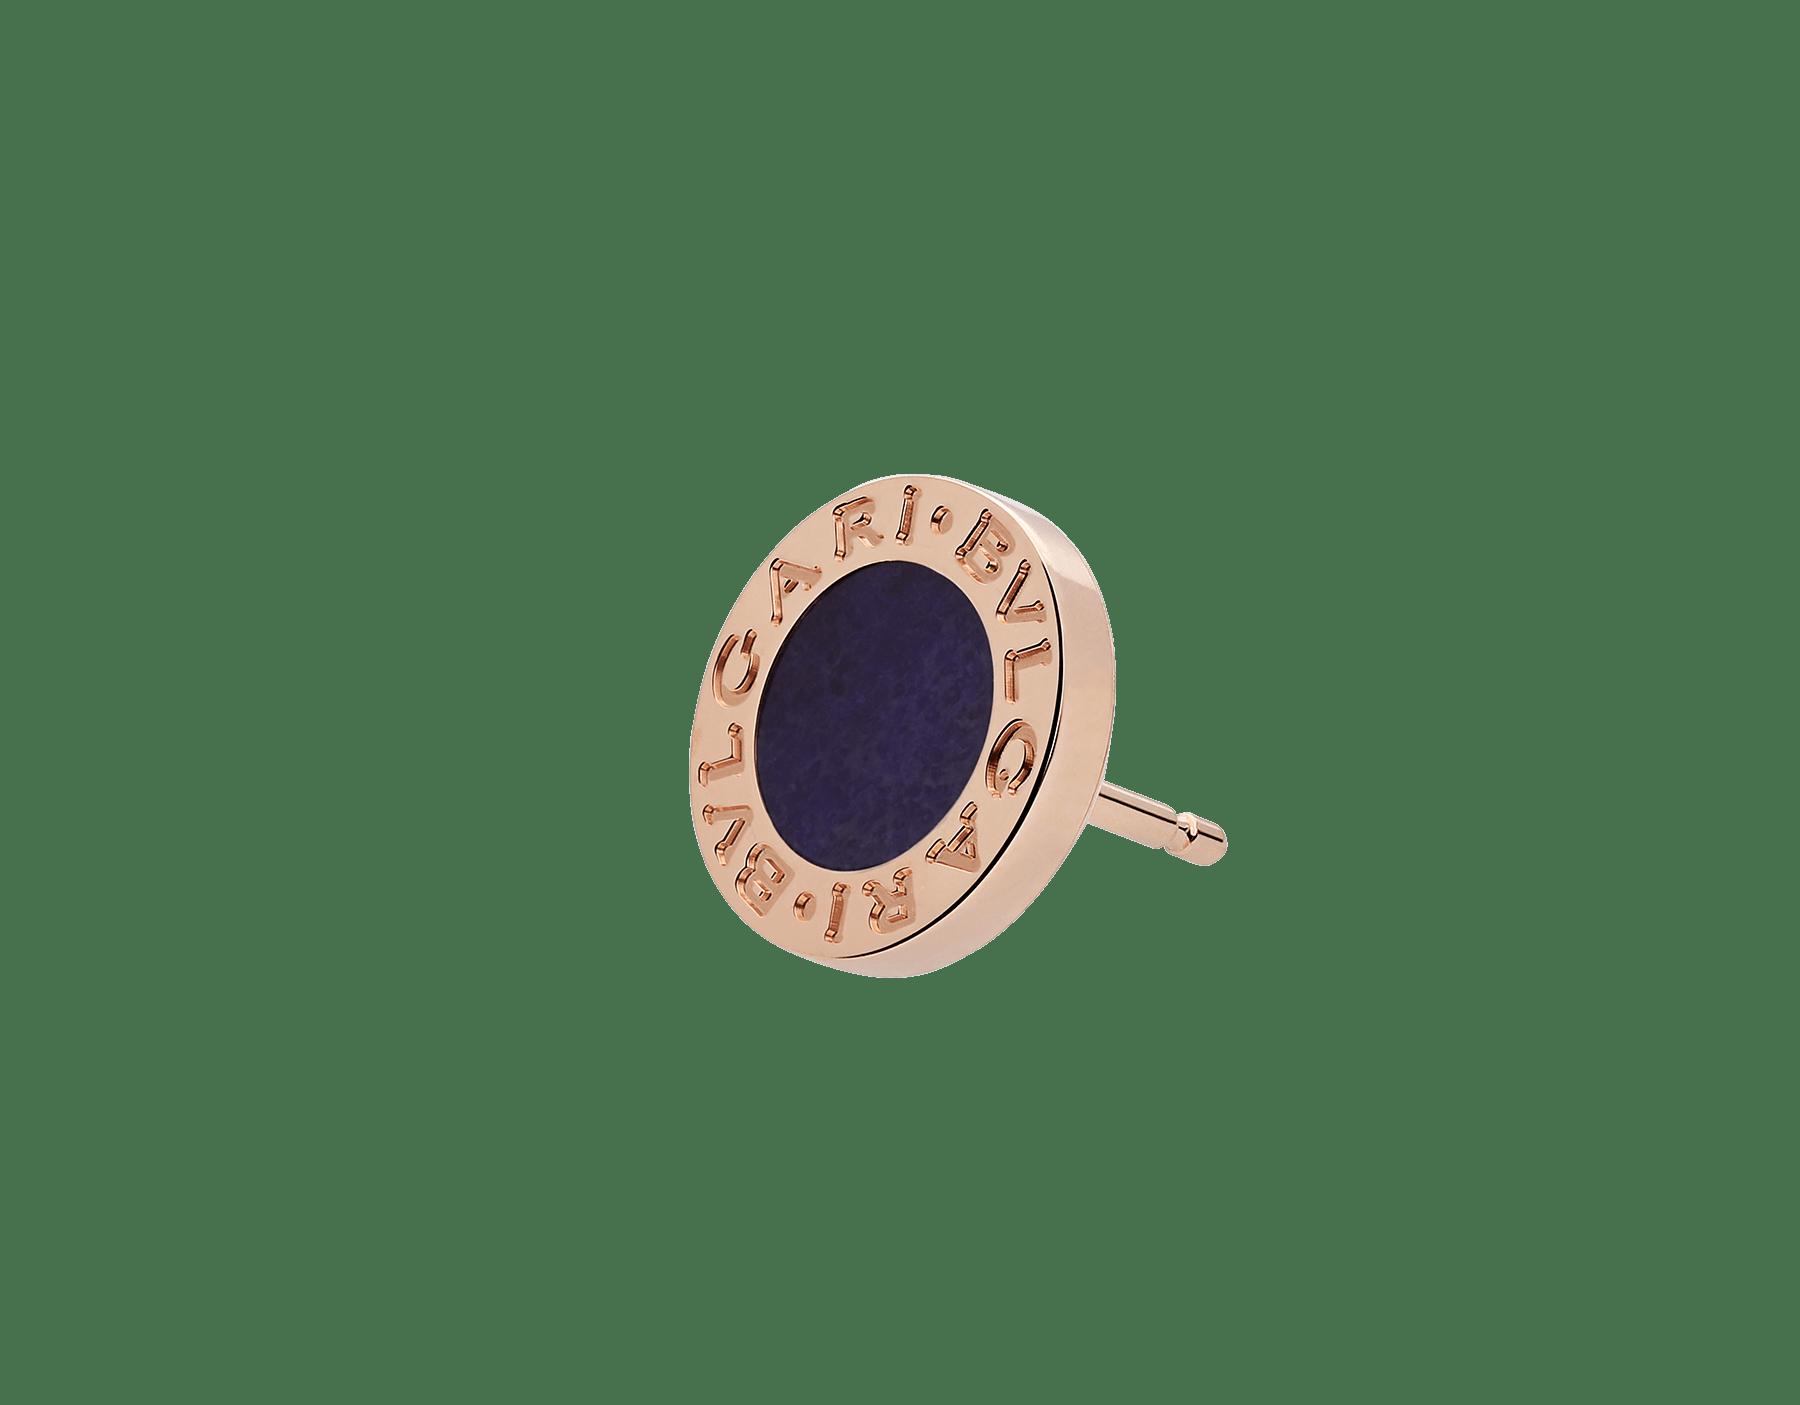 Непарная серьга BVLGARI BVLGARI, розовое золото 18 карат, элемент из сугилита 356428 image 2